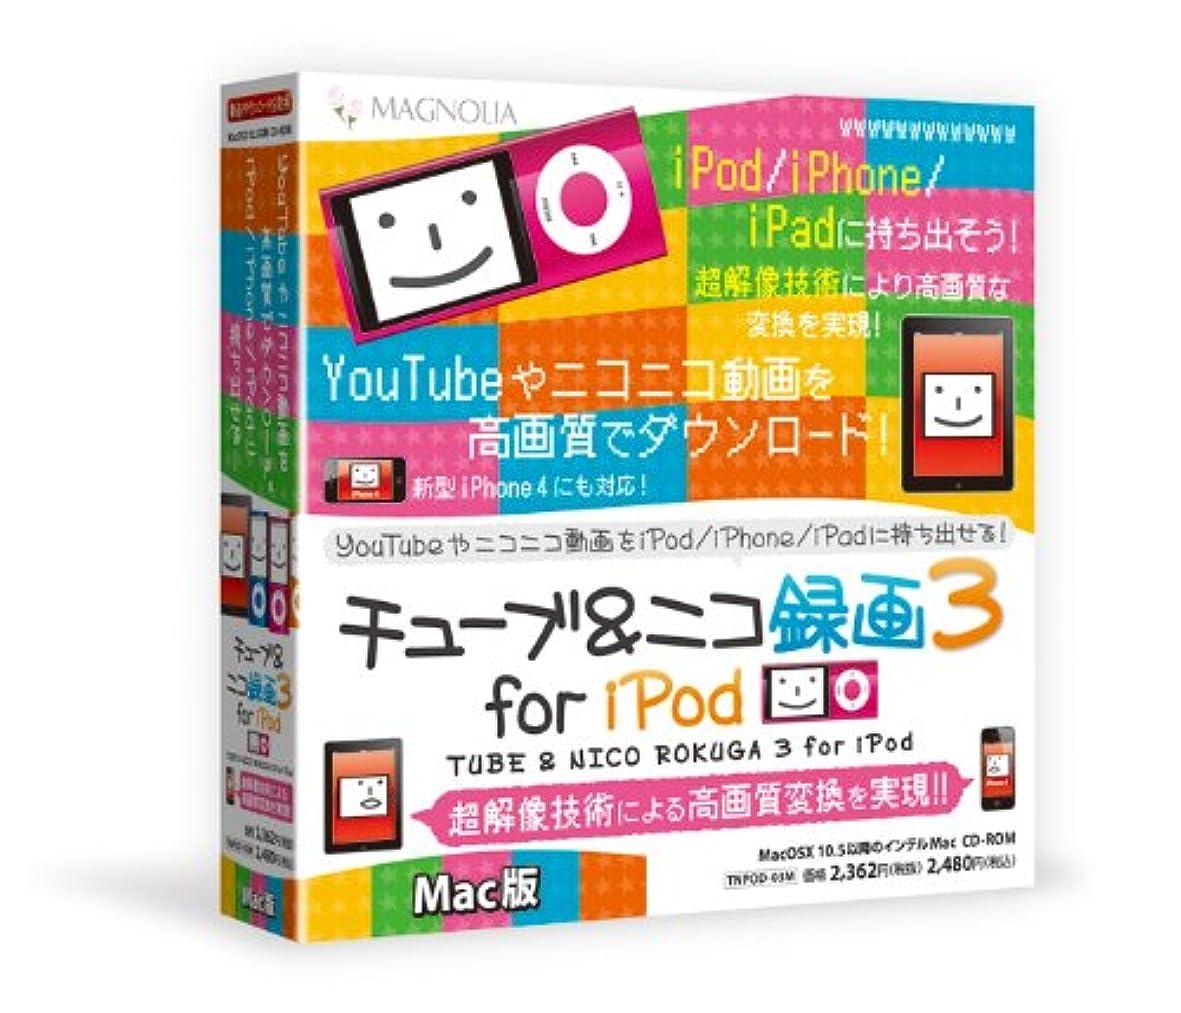 ファランクス赤外線演じるマグノリア チューブ&ニコ録画3 for iPod Mac版